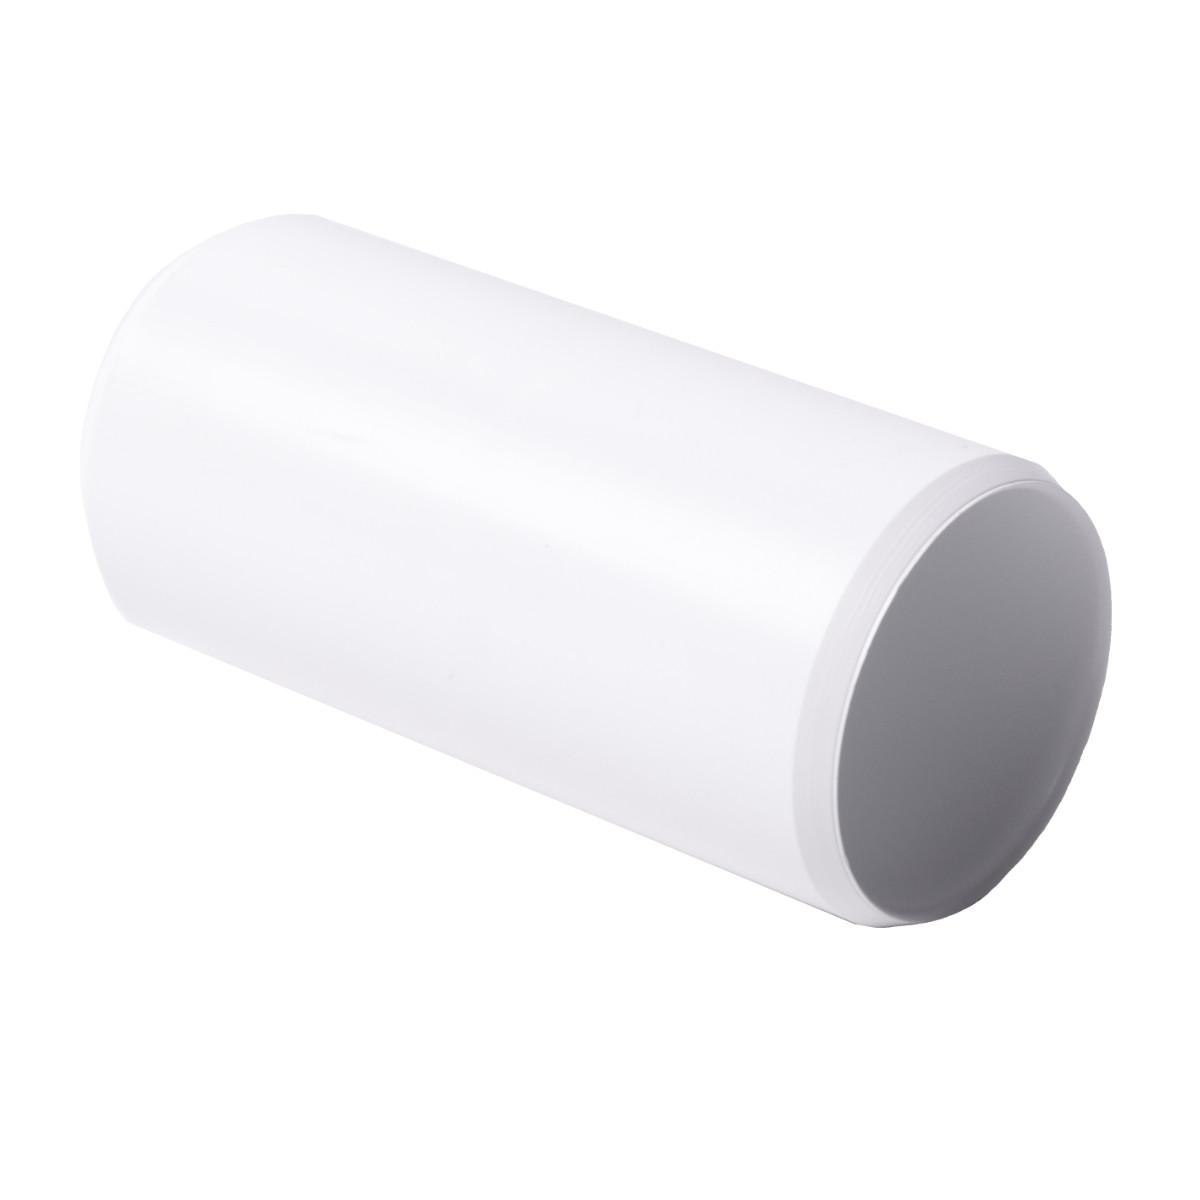 Муфта з'єднувальна для труби 16 мм ; Ø16мм; ПВХ;; t застосування -25+60 °с; біла; Упаковка 10 шт